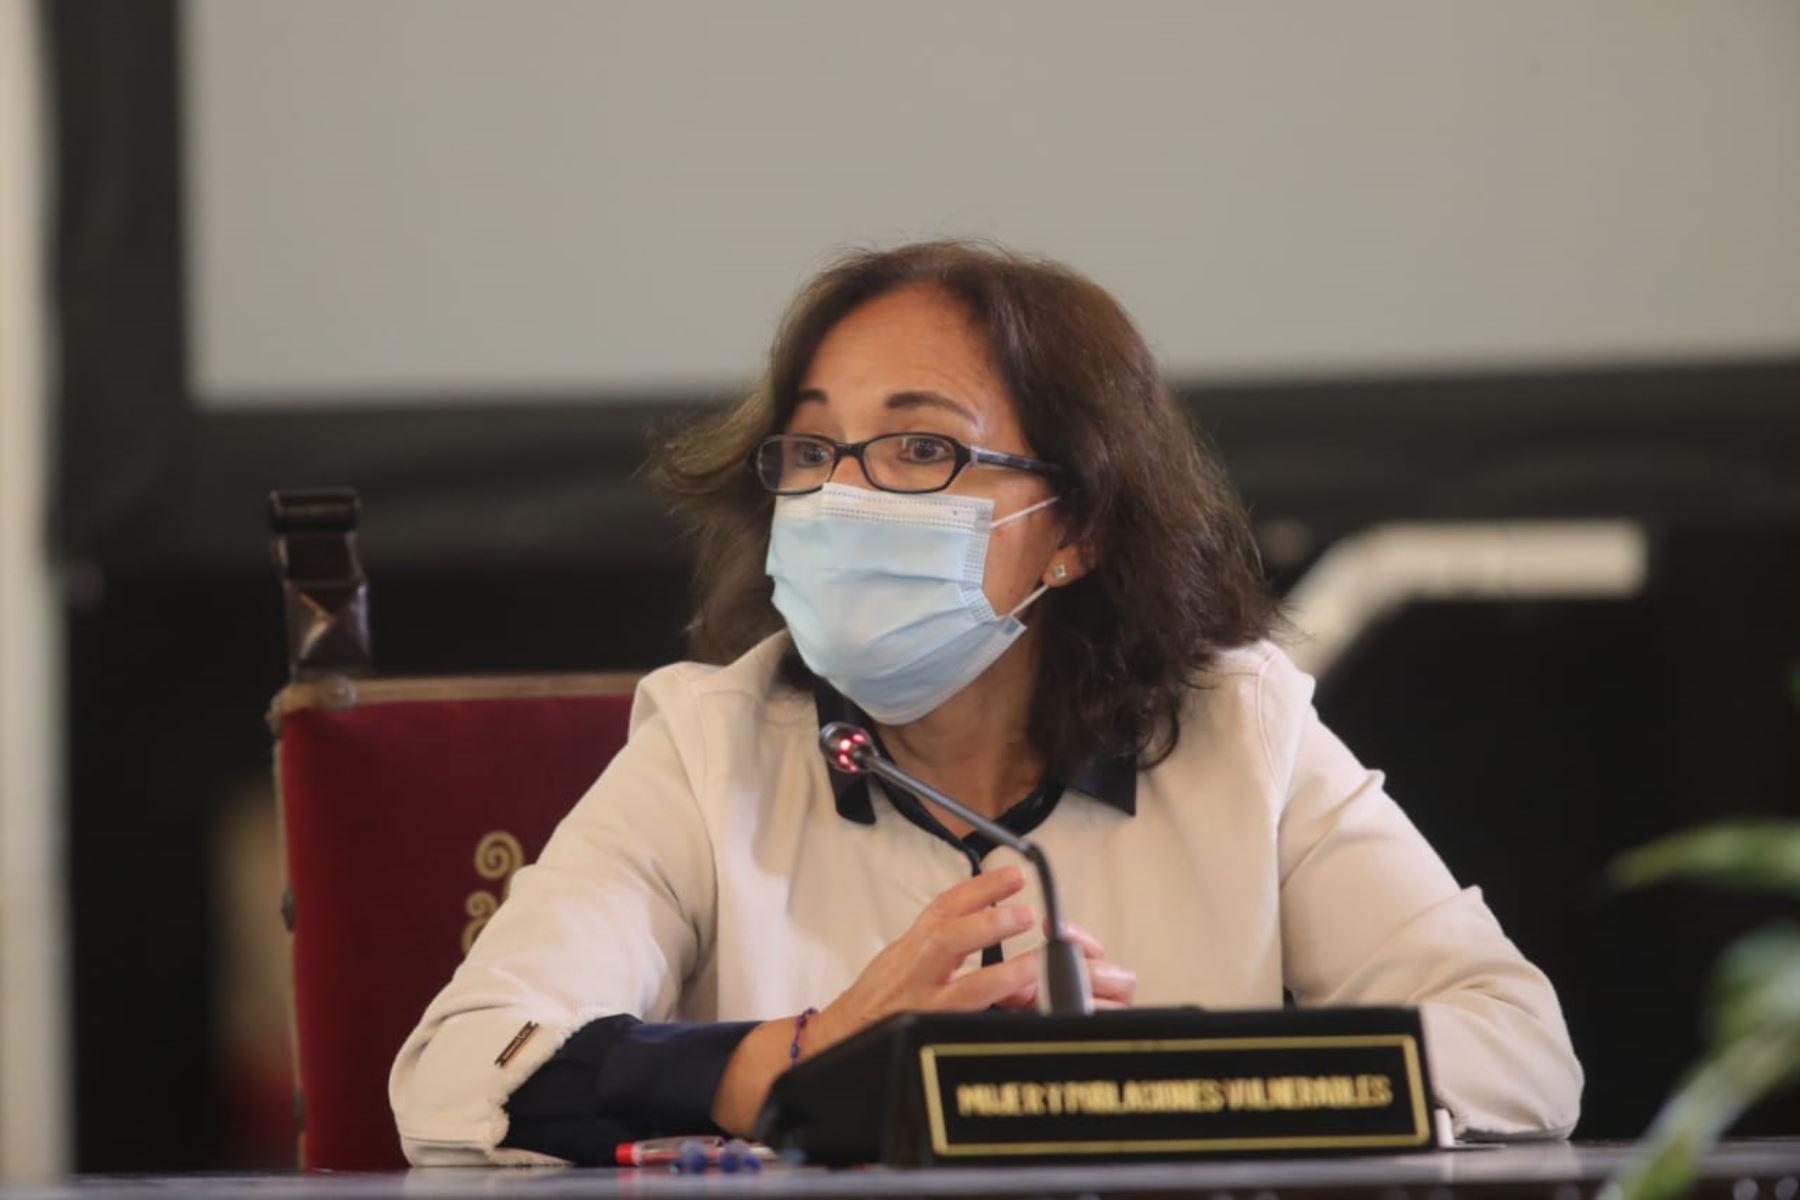 Vice ministra de Poblaciónes Vulnerables  Cecilia Aldave,  informa las medidas adoptadas por el Gobierno en el marco del estado de emergencia nacional por el coronavirus (covid-19). Foto: ANDINA/ Prensa Presidencia